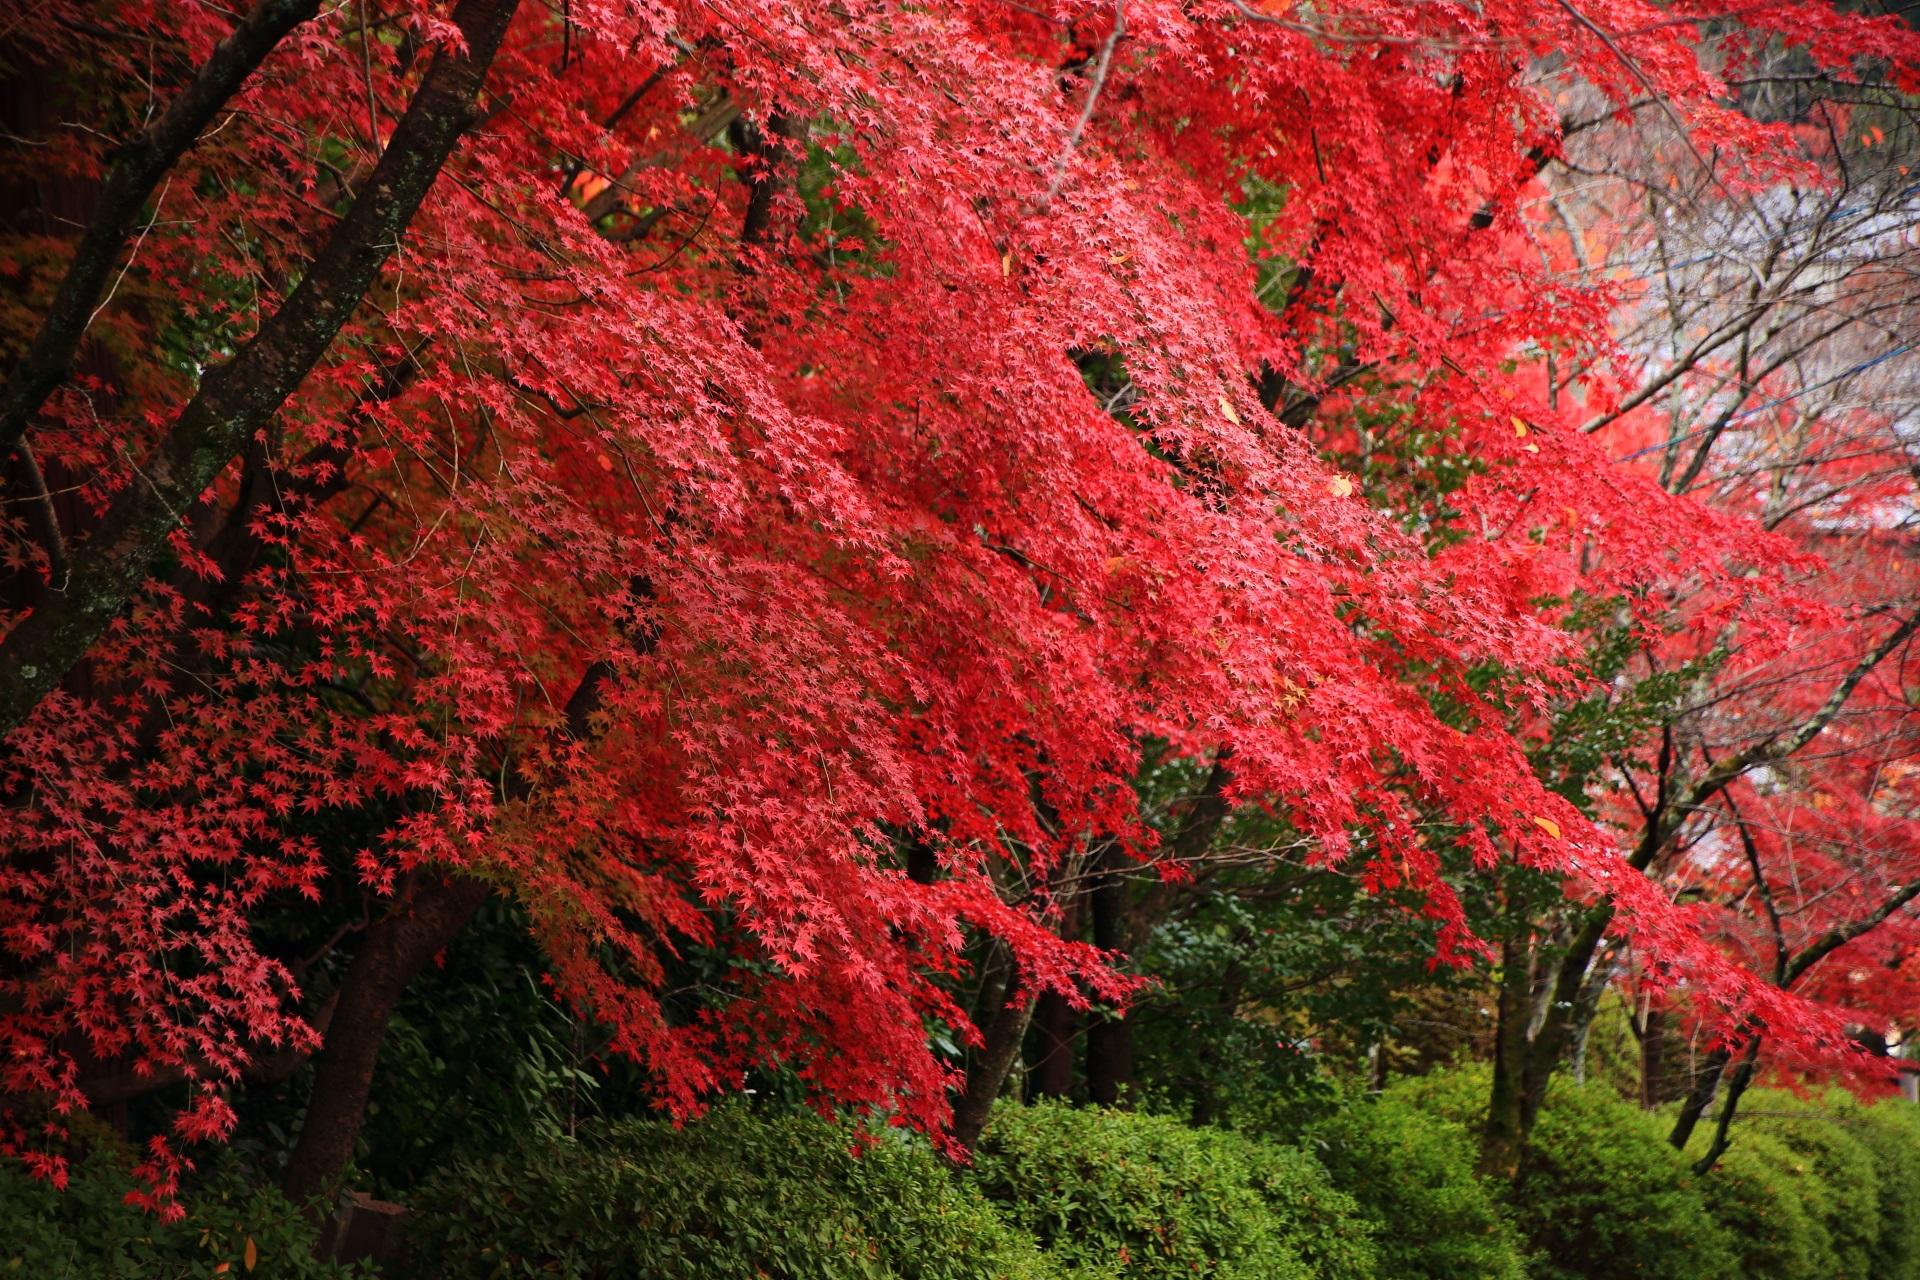 広がる美しい鮮やかな赤い紅葉